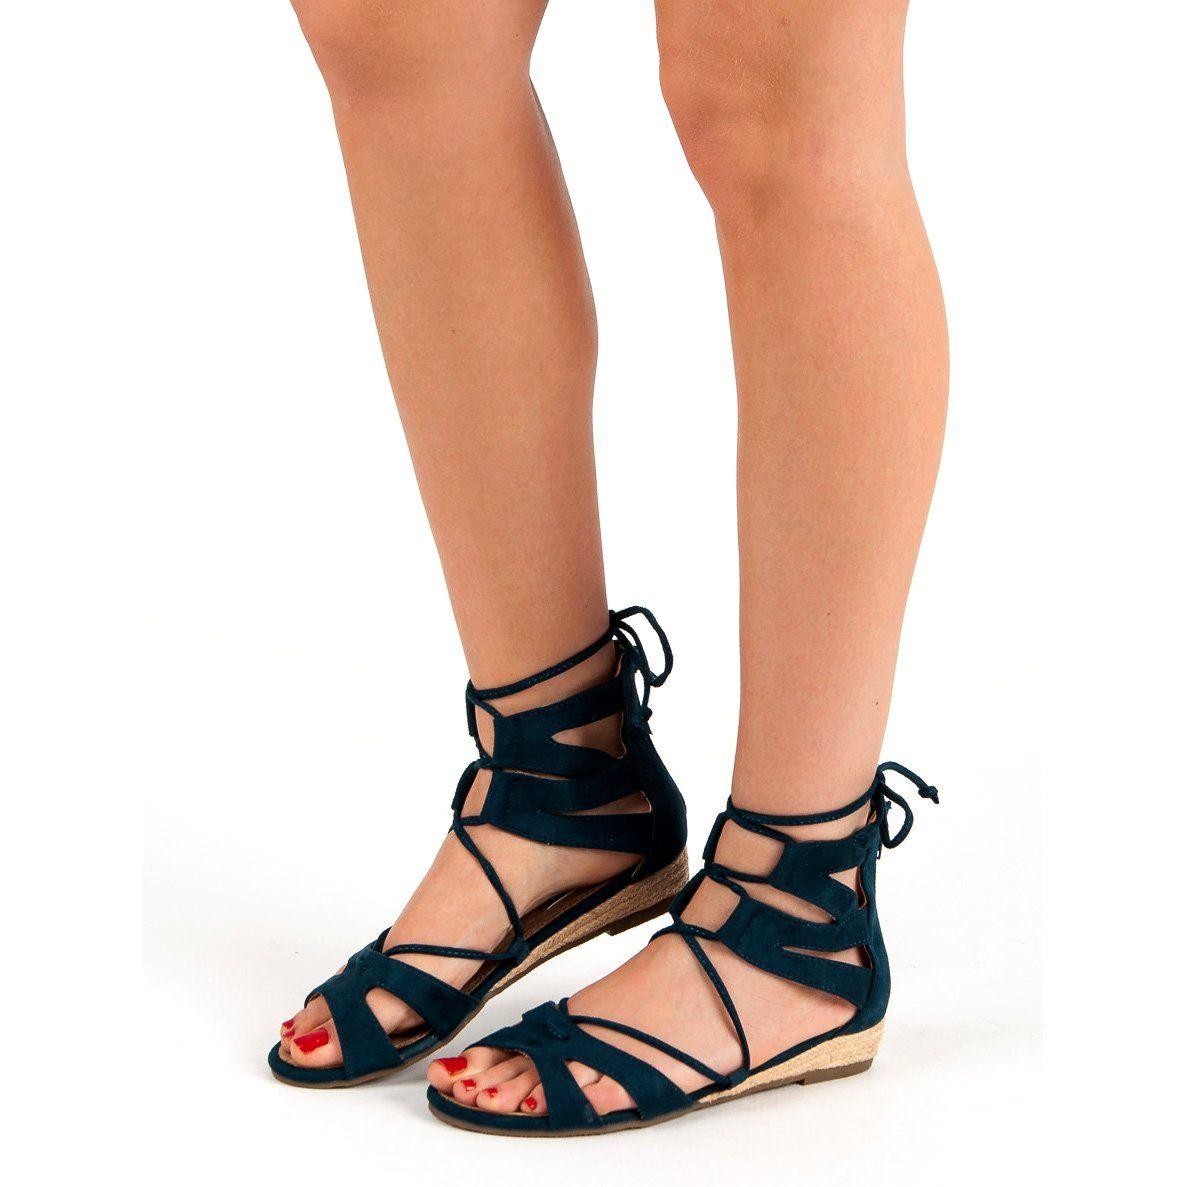 Corina Granatowe Sandaly Rzymianki Niebieskie Shoes Lace Up Flat Lace Up